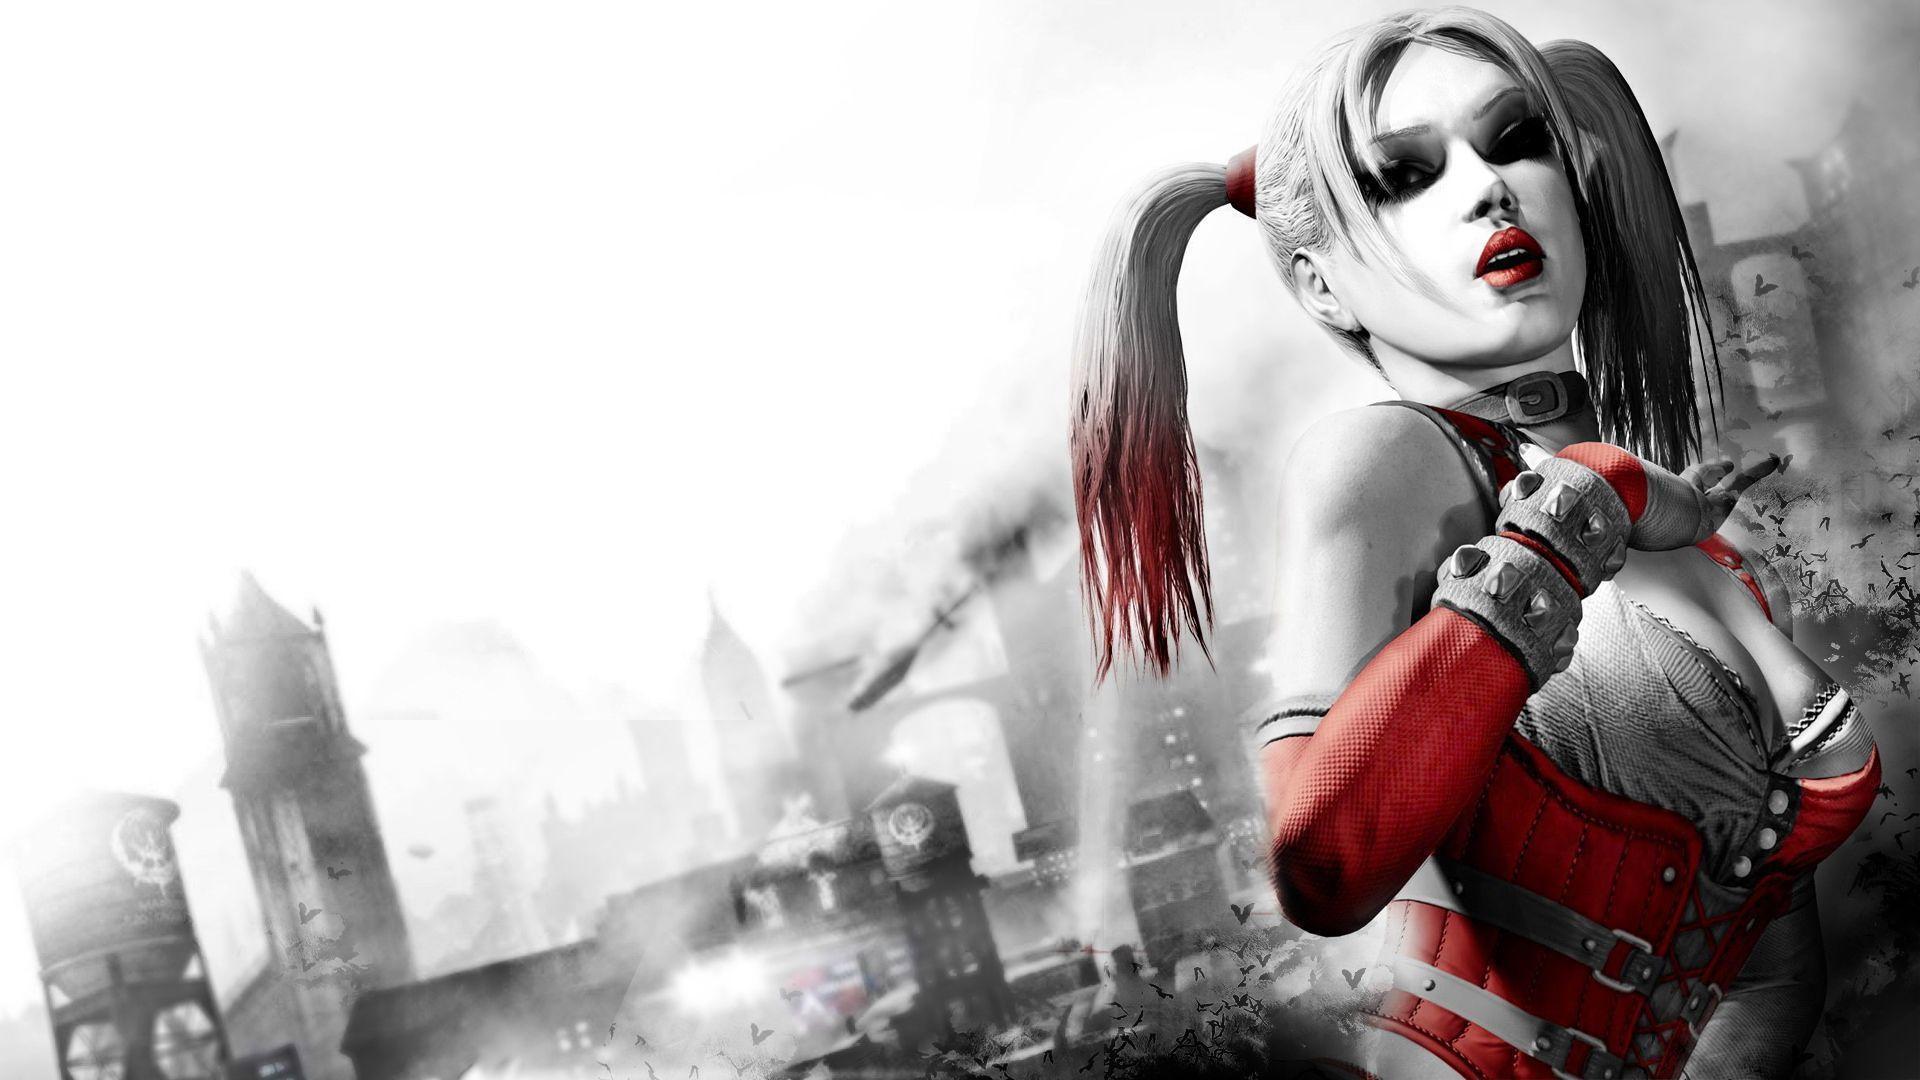 Batman Joker And Harley Quinn Wallpapers Top Free Batman Joker